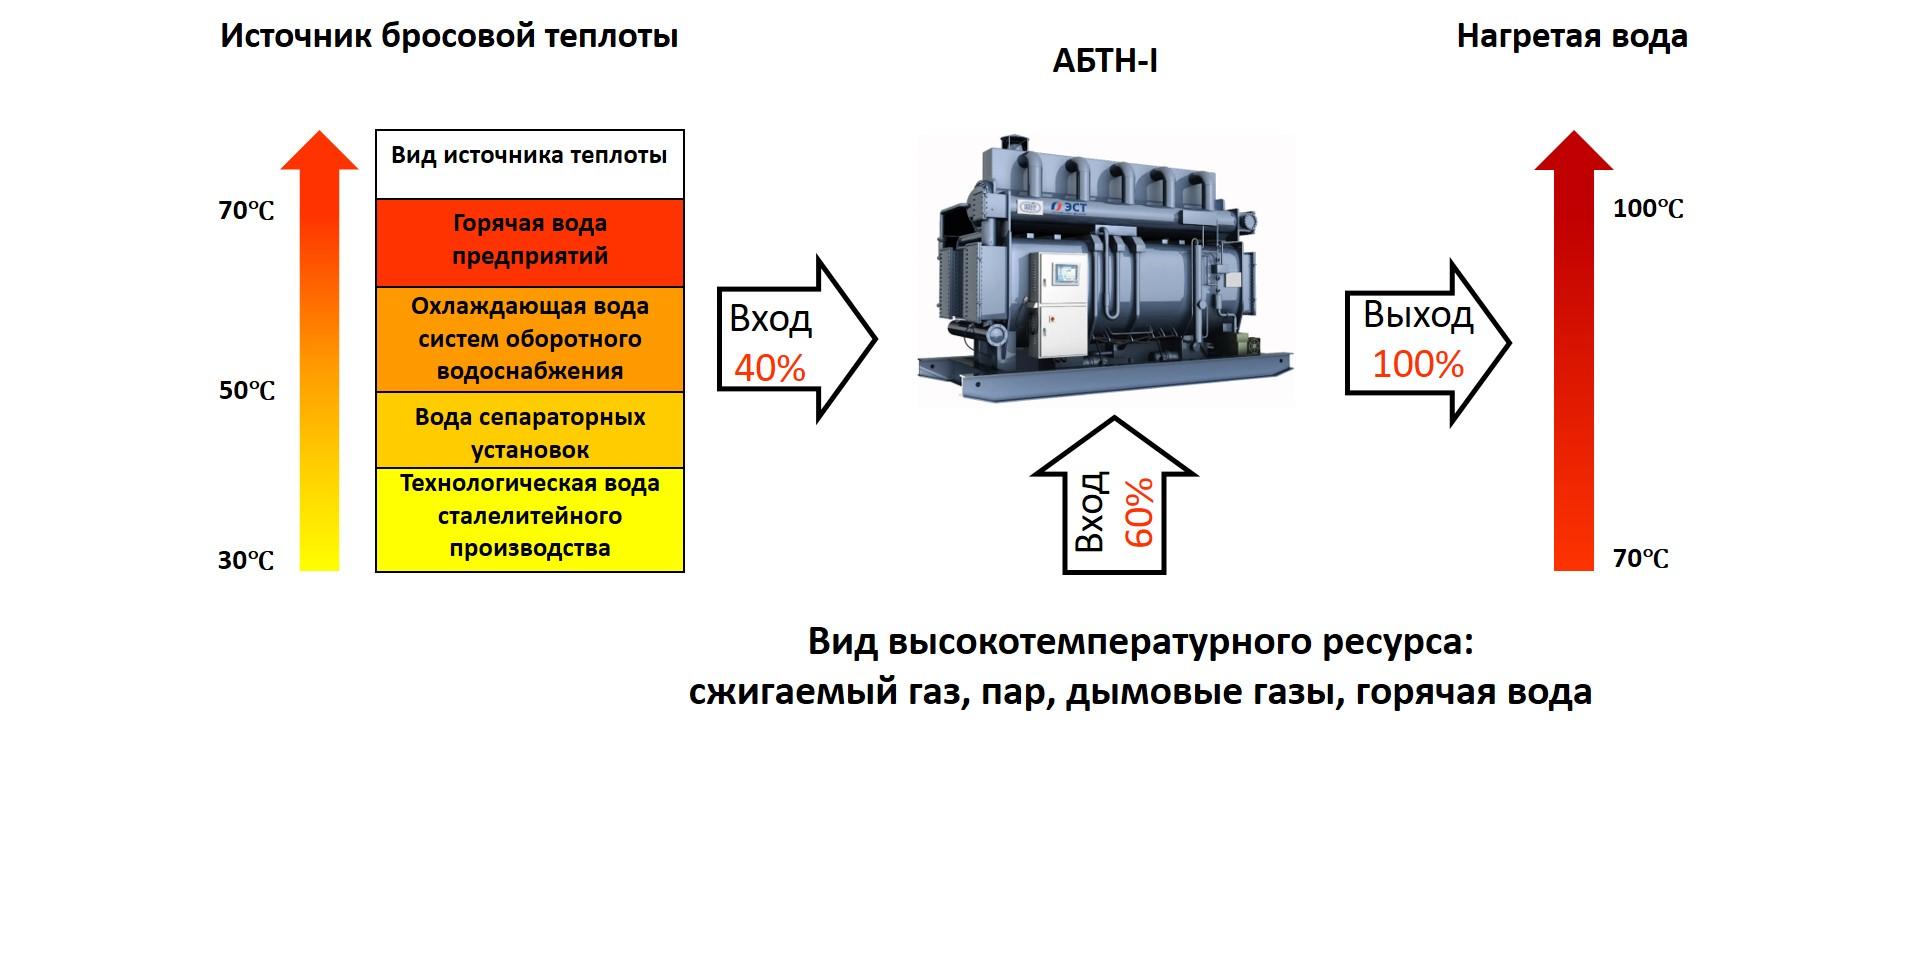 АБТН1_применение